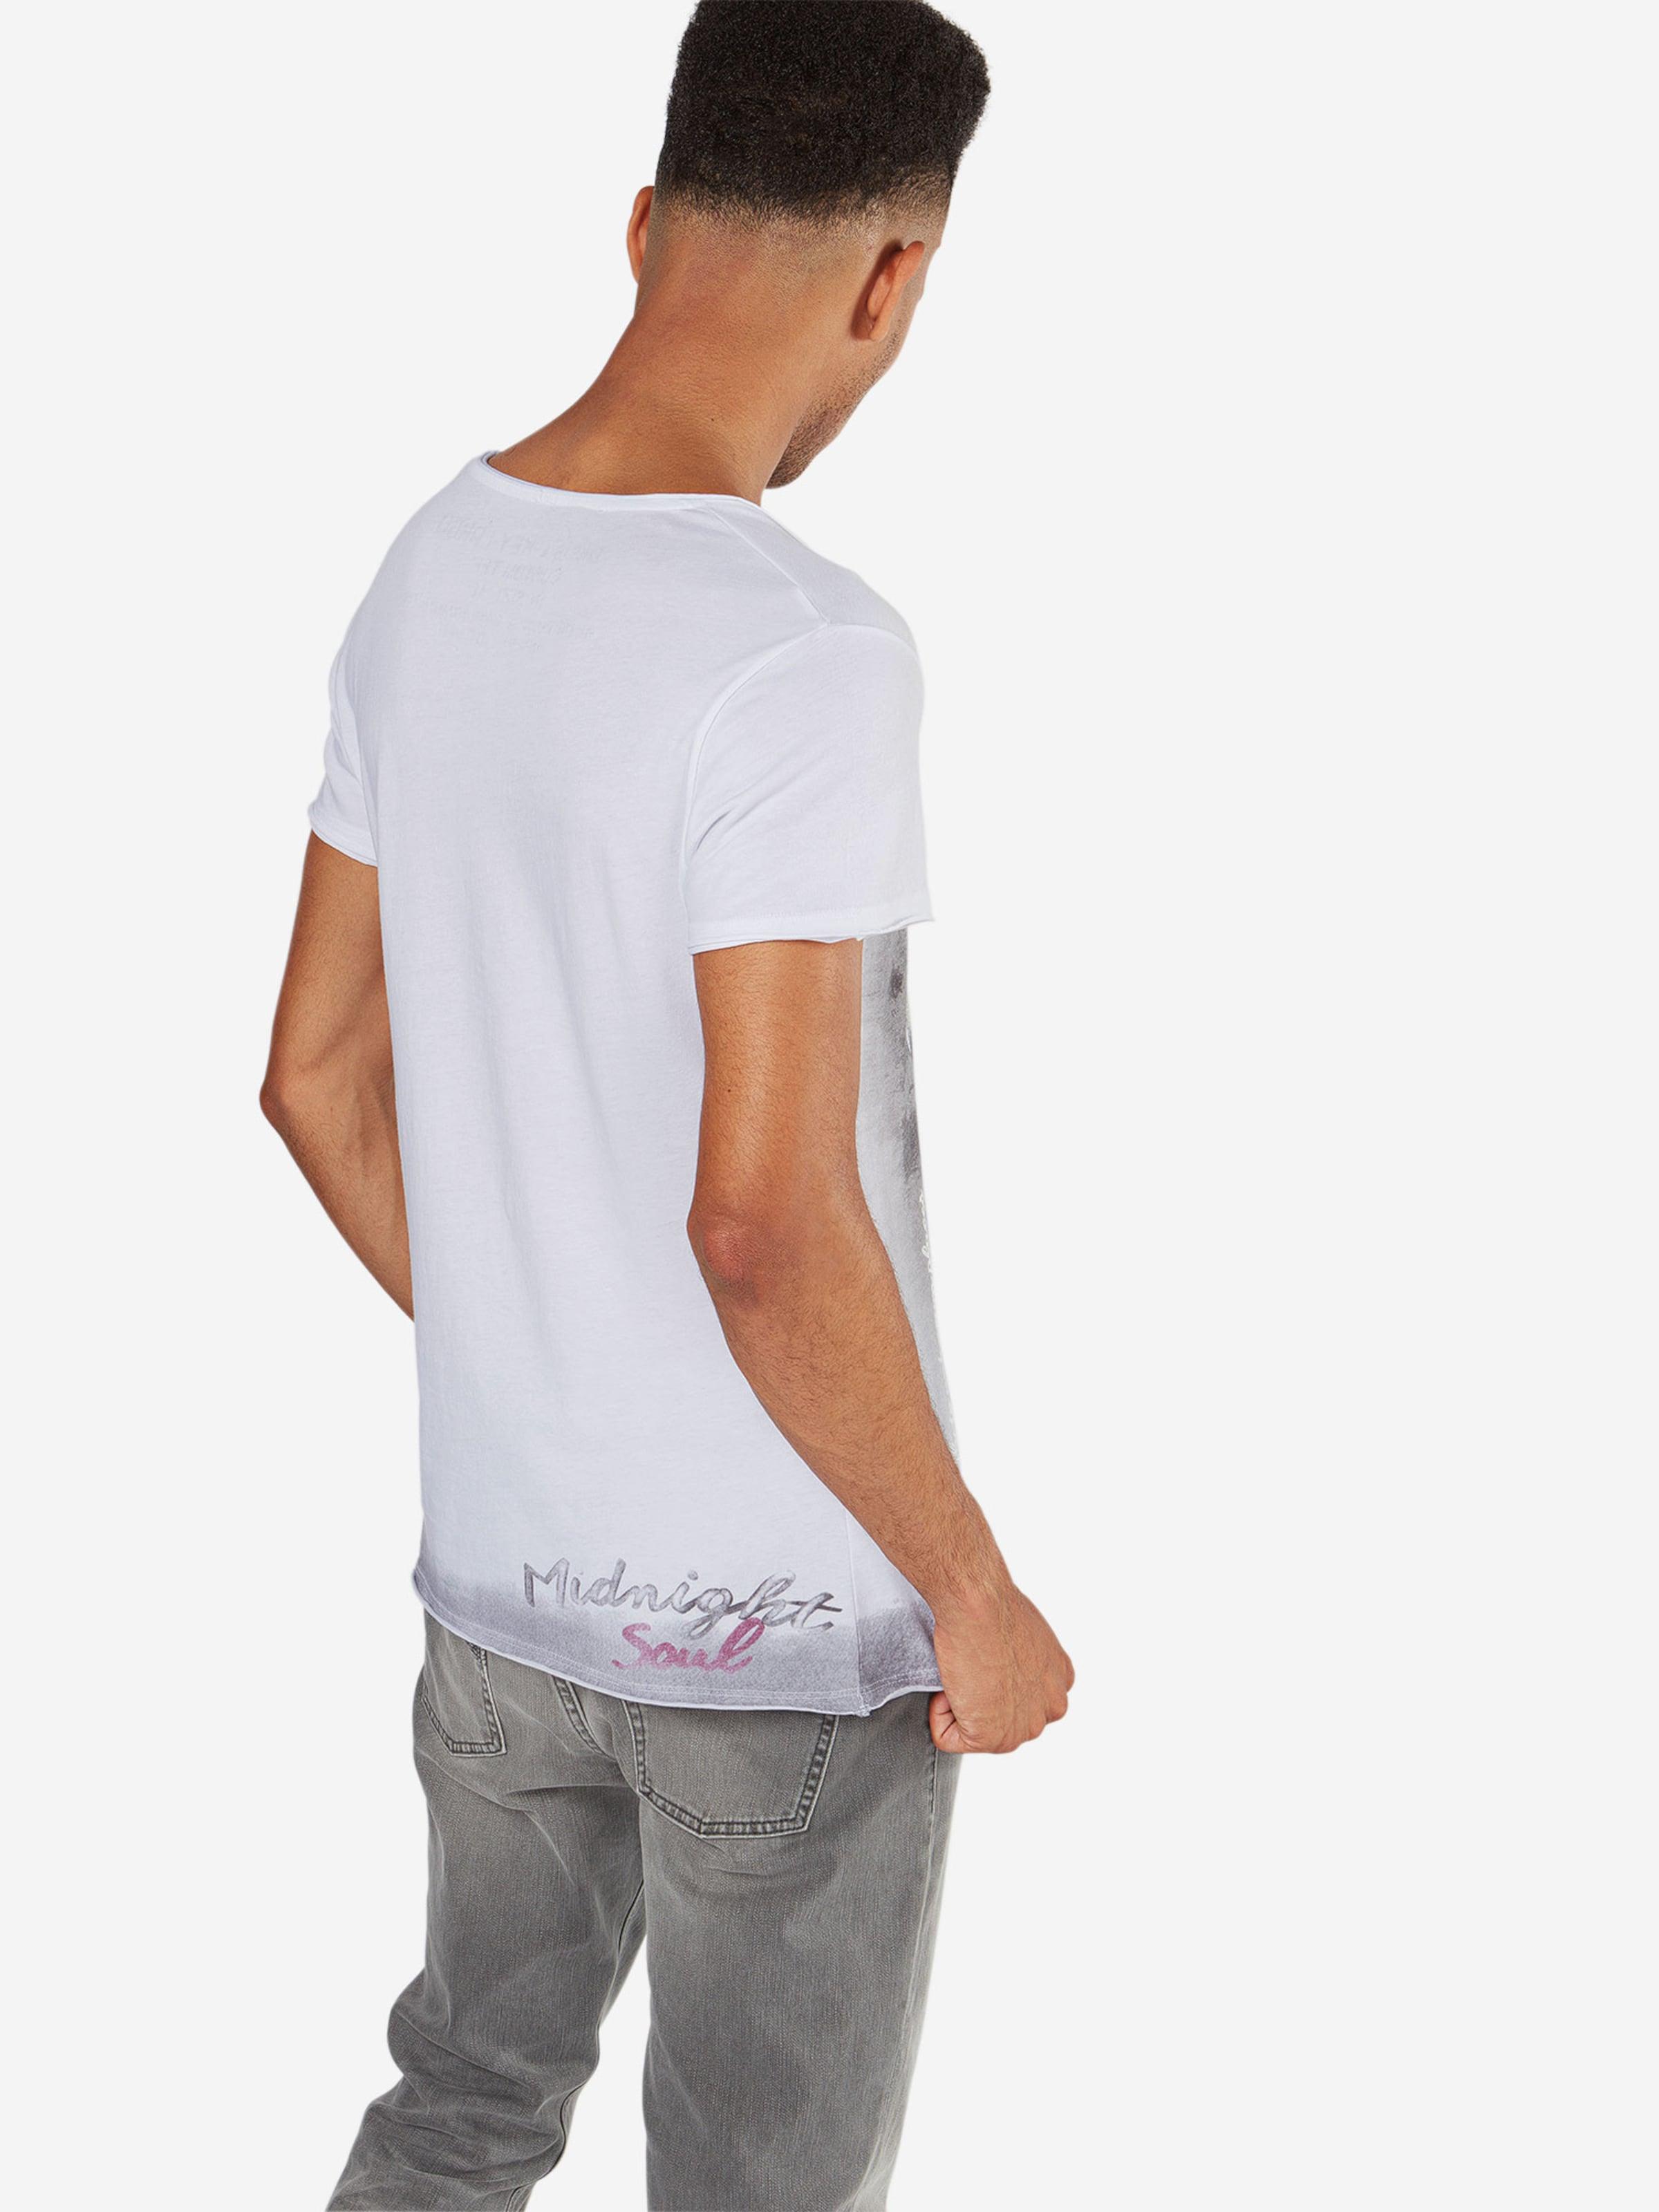 Largo In Key Alive Shirt Round' GrauWeiß 'mt BdCoex